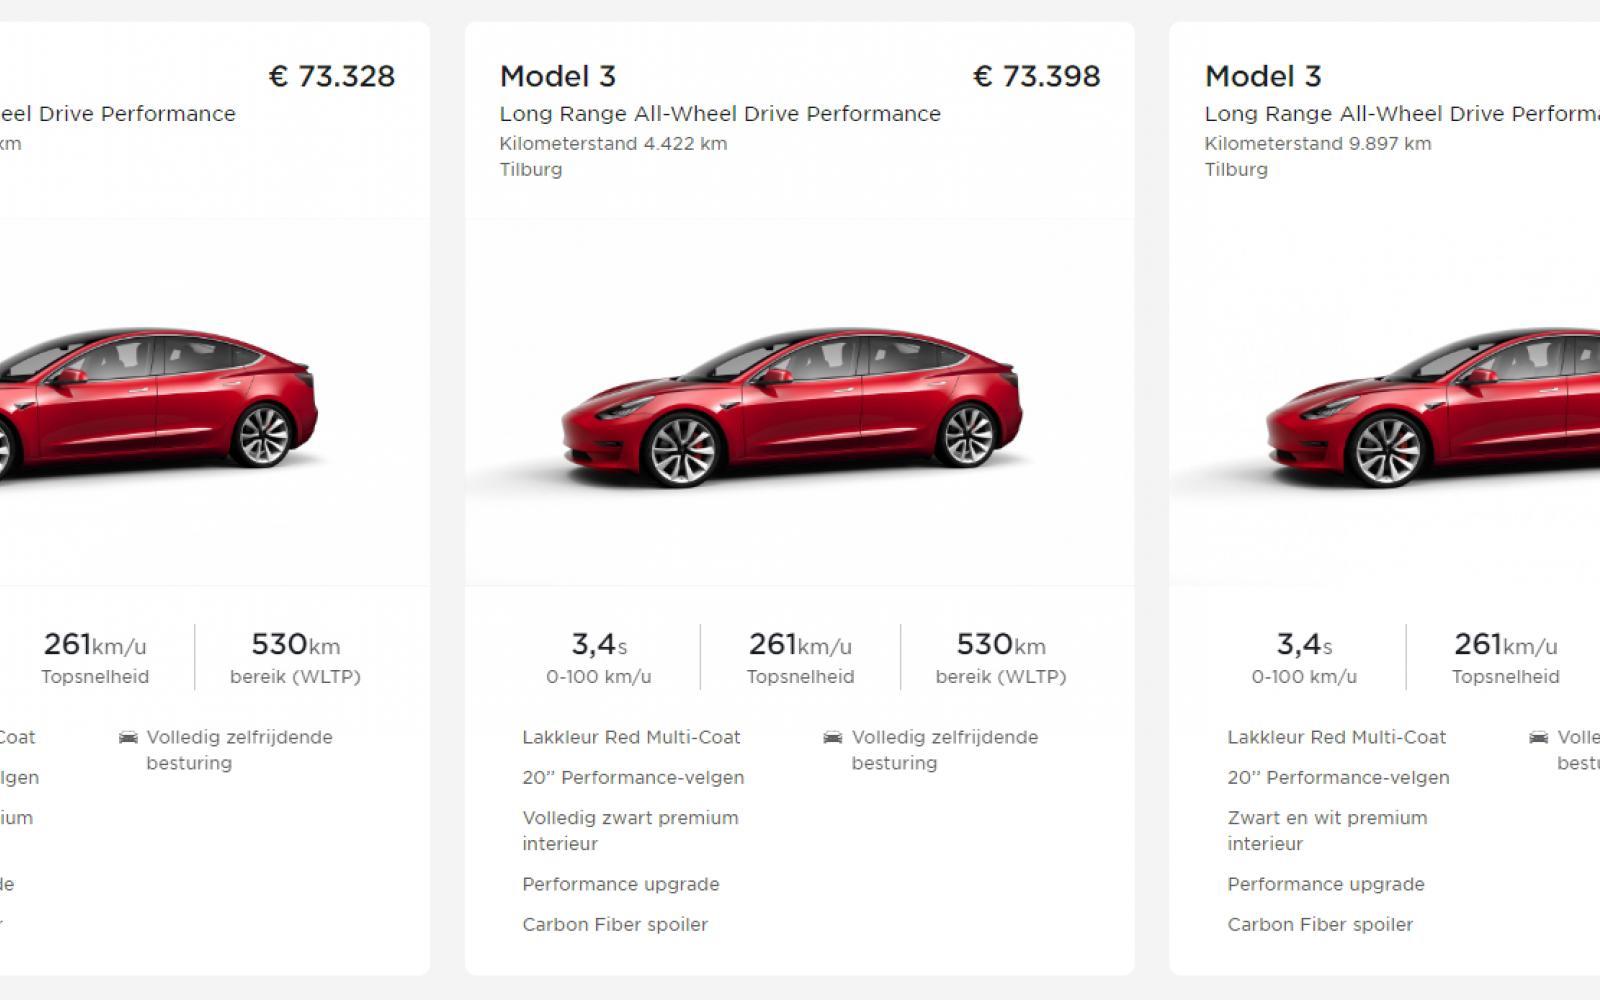 Goed nieuws: er zijn nog Tesla's met 4 procent bijtelling